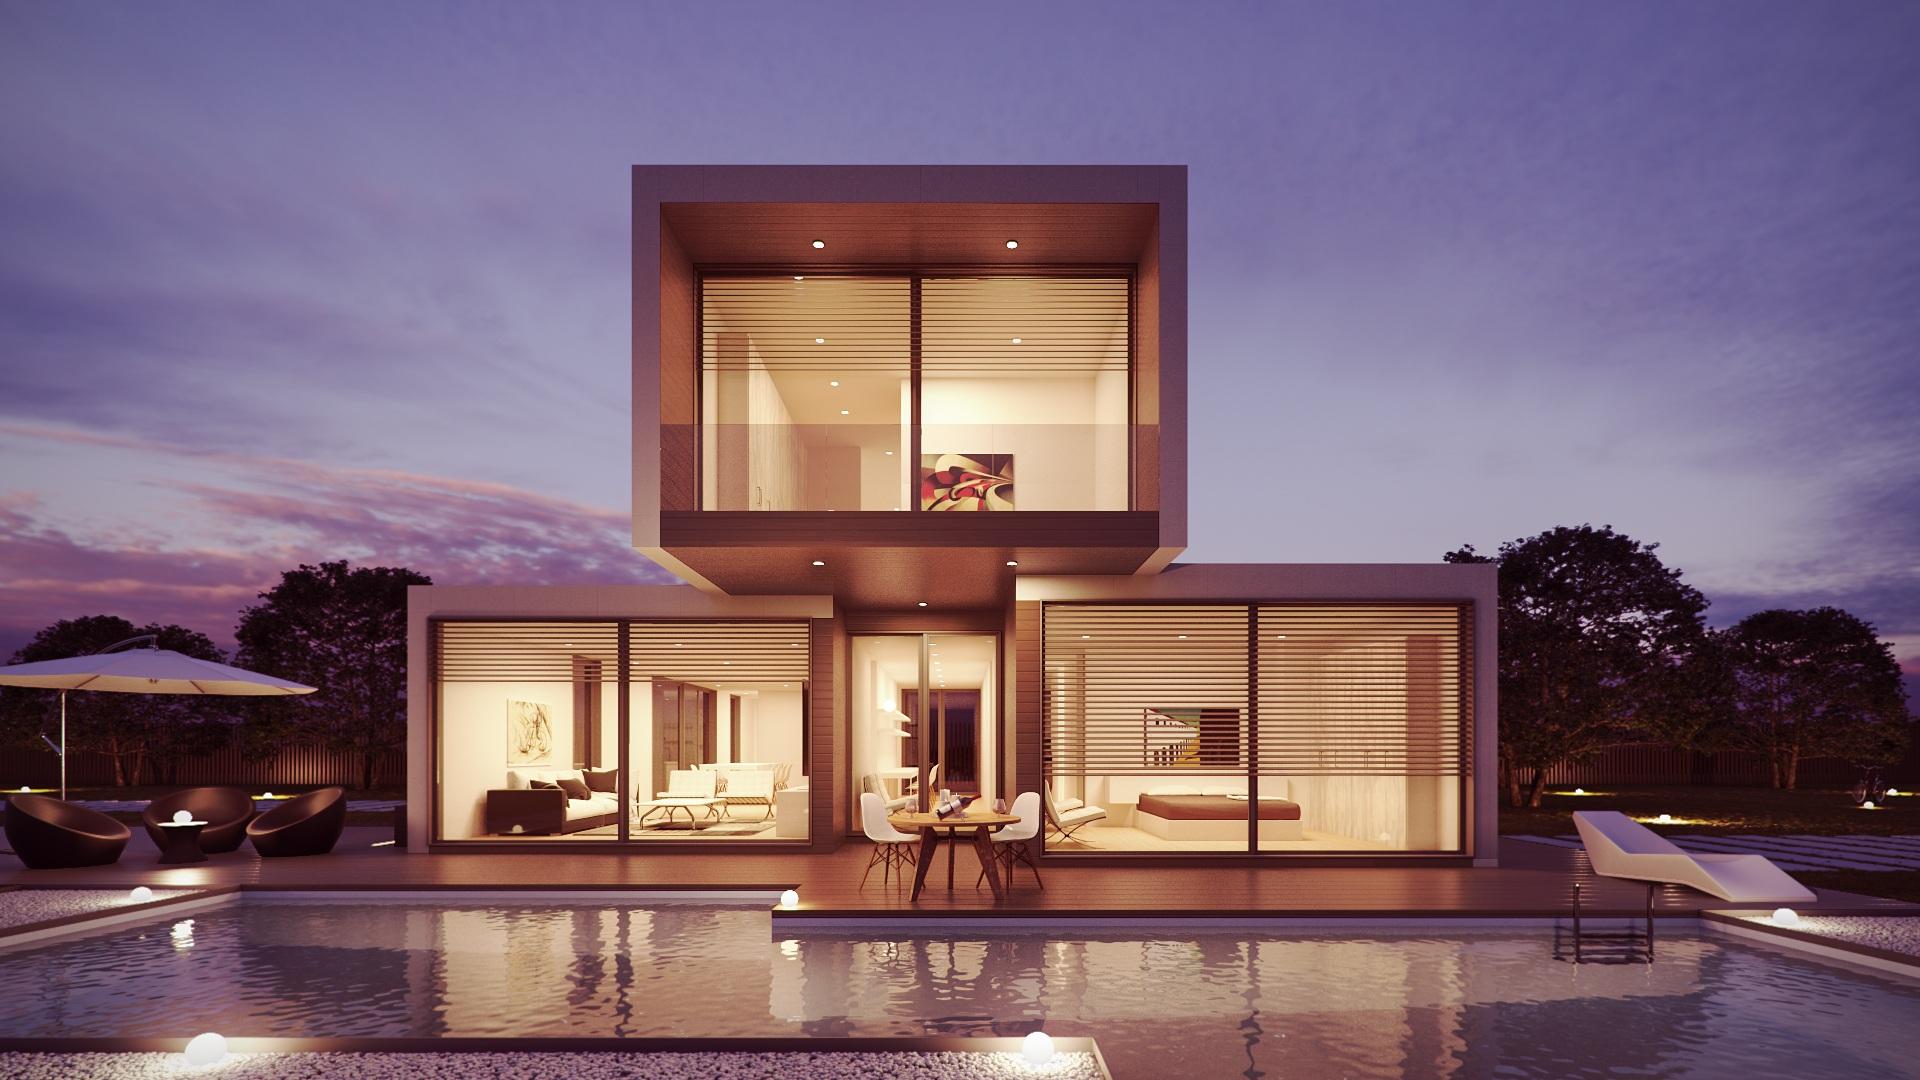 Sfondi architettura interno casa moderno interior for Interior design moderno